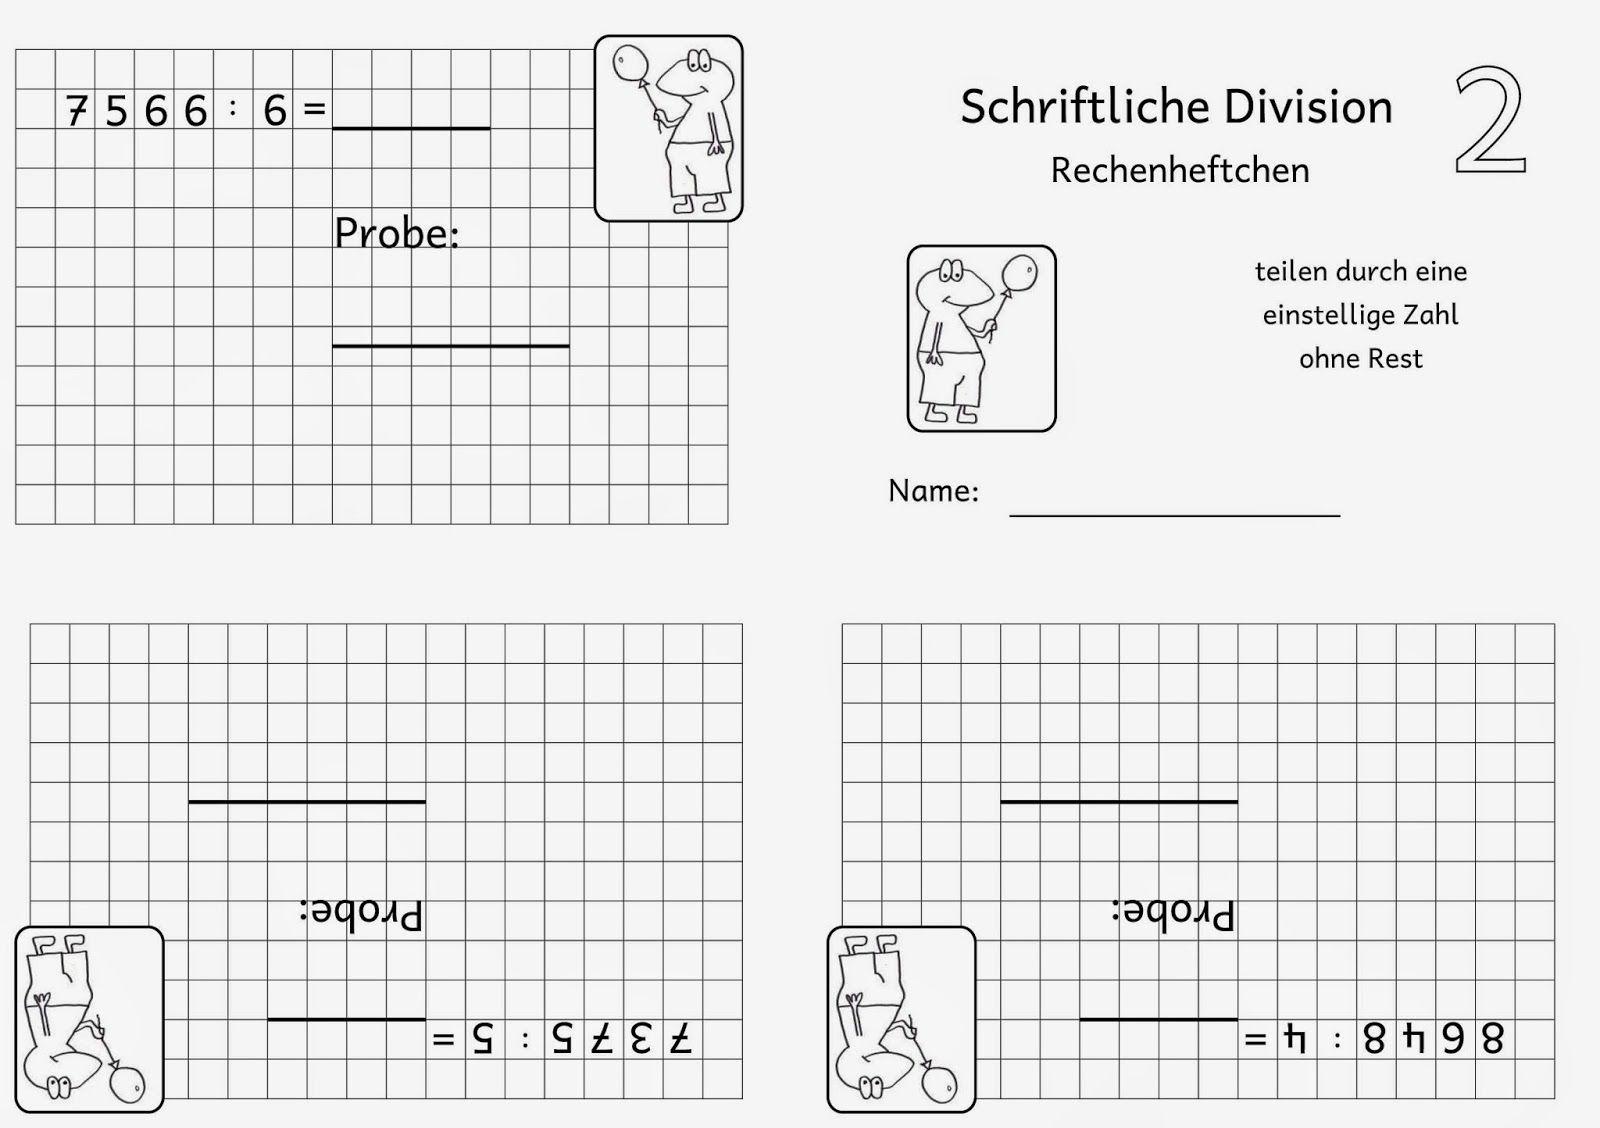 Gemütlich Einstellige Abteilung Arbeitsblatt Galerie - Mathe ...